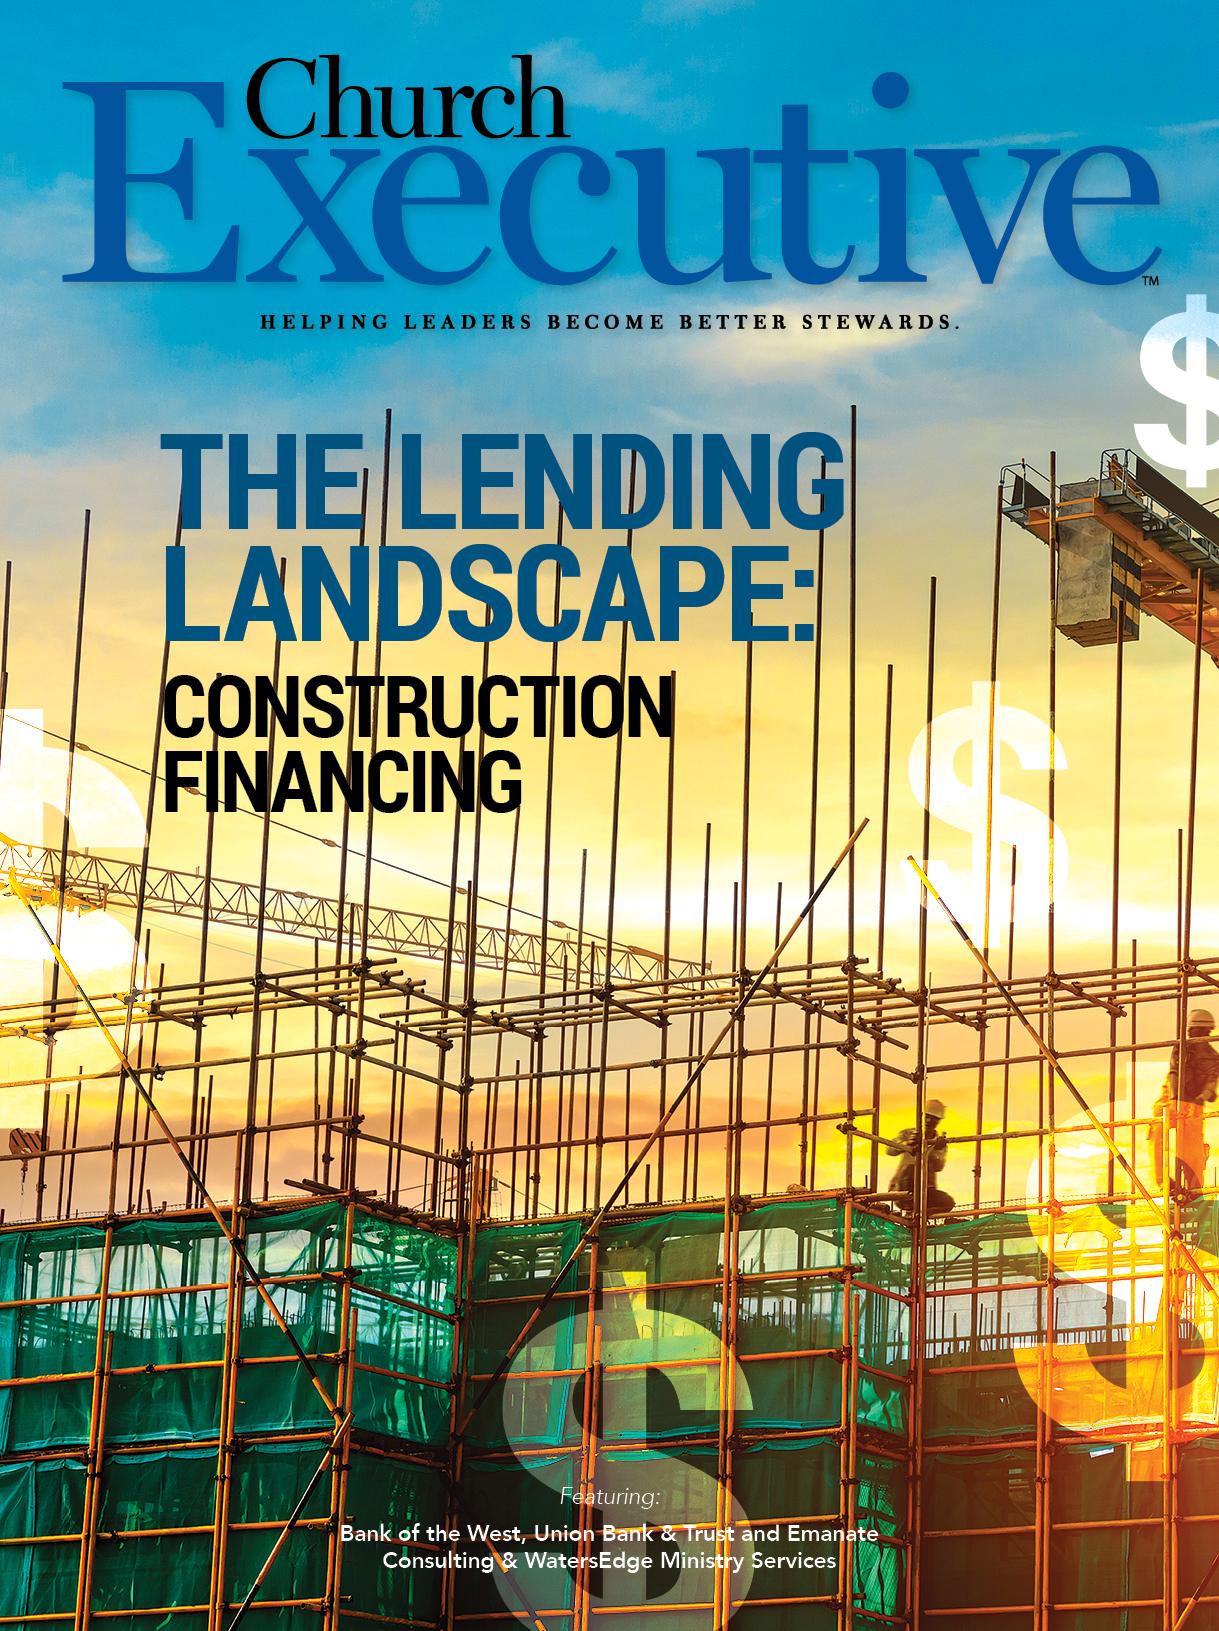 THE LENDING LANDSCAPE: CONSTRUCTION FINANCING